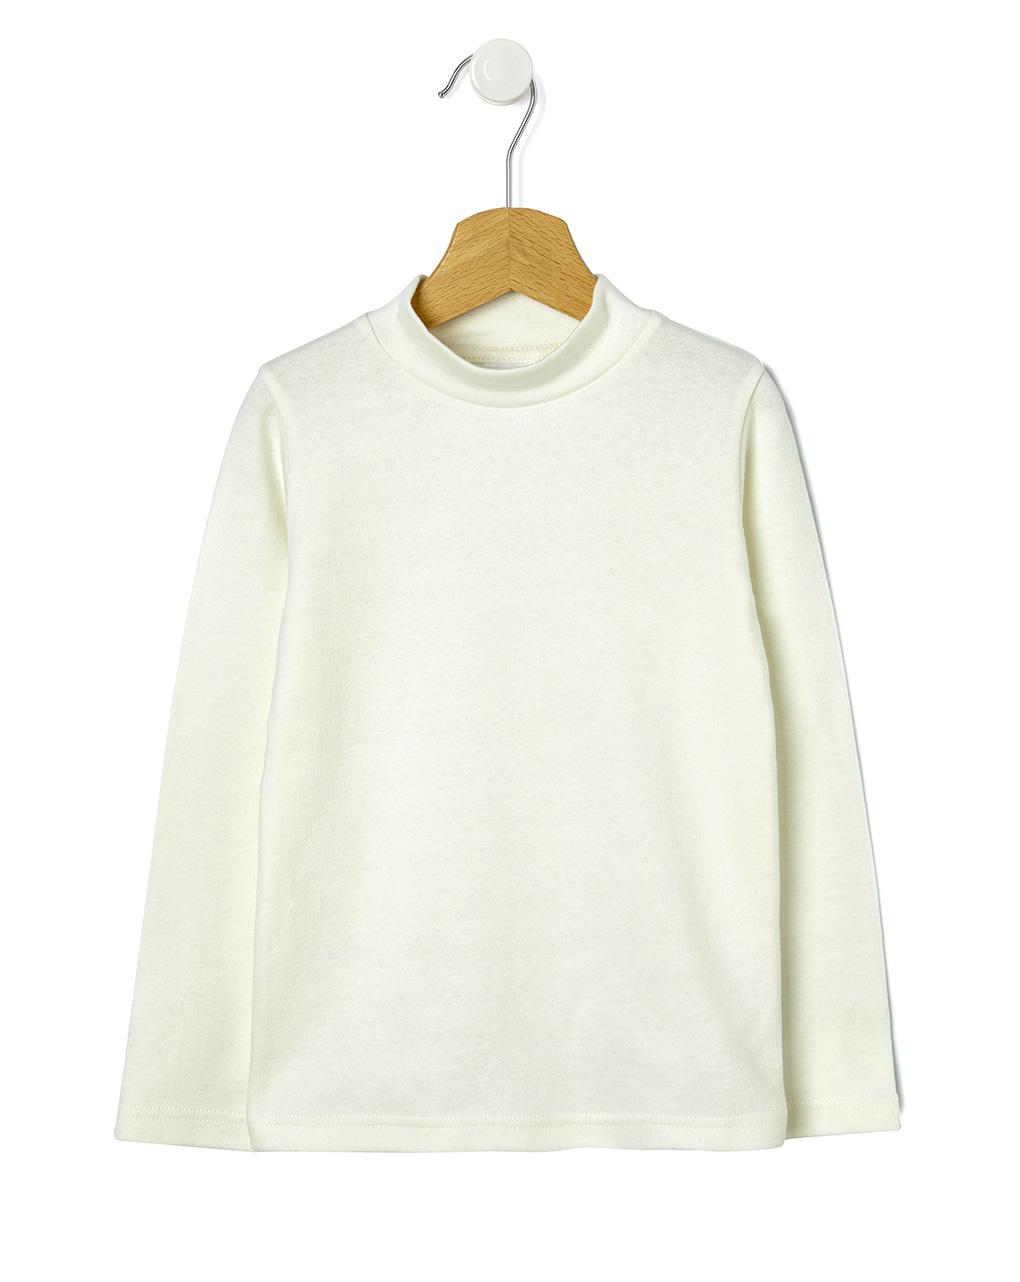 Μπλουζάκι με ψηλό γιακά basic μονόχρωμο